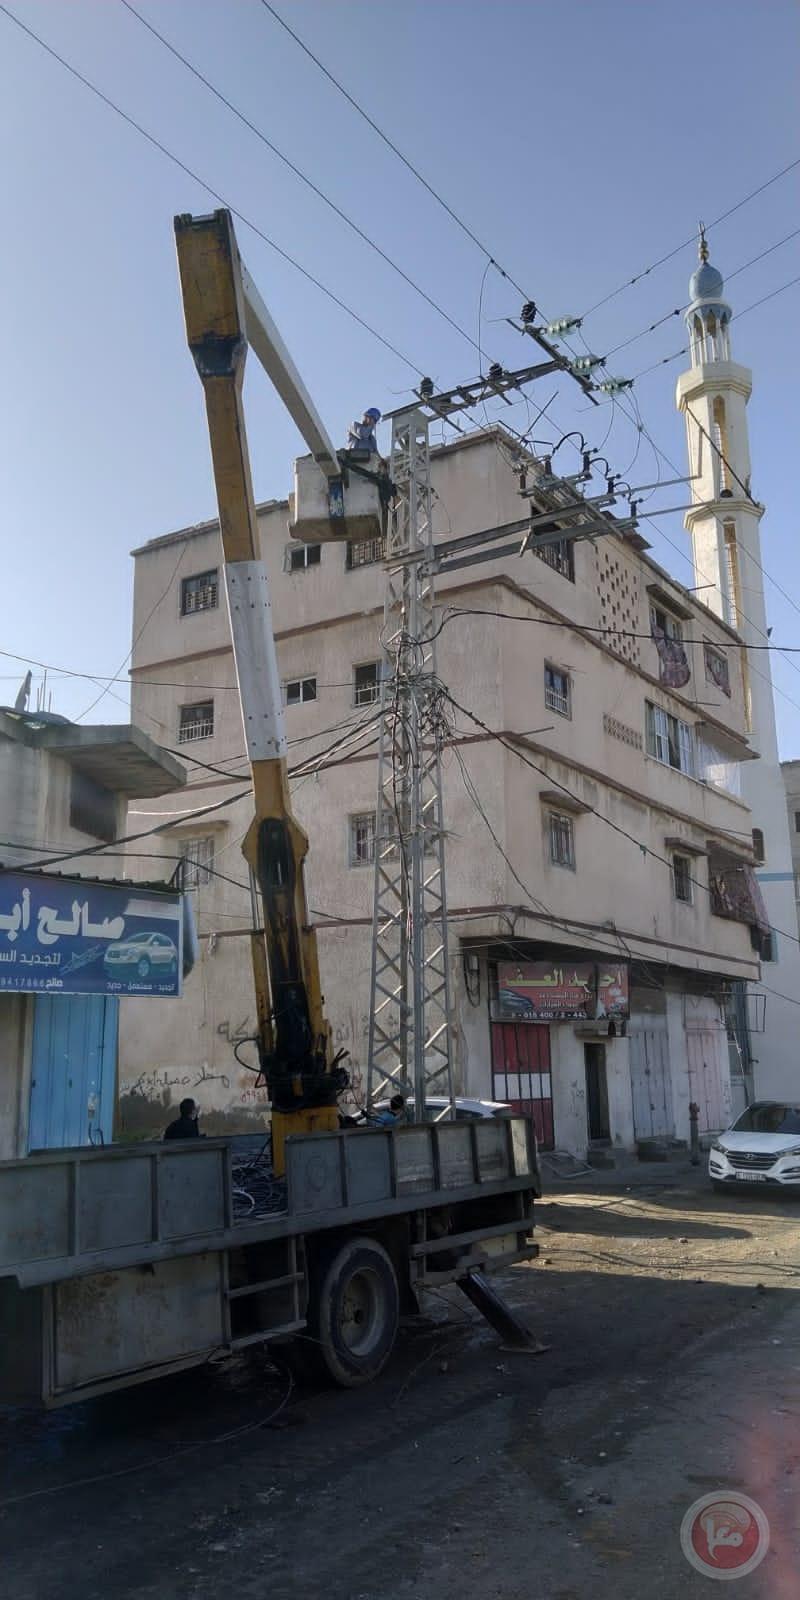 غزة.. القصف يخلّف دمارا كبيرا بشبكات الكهرباء